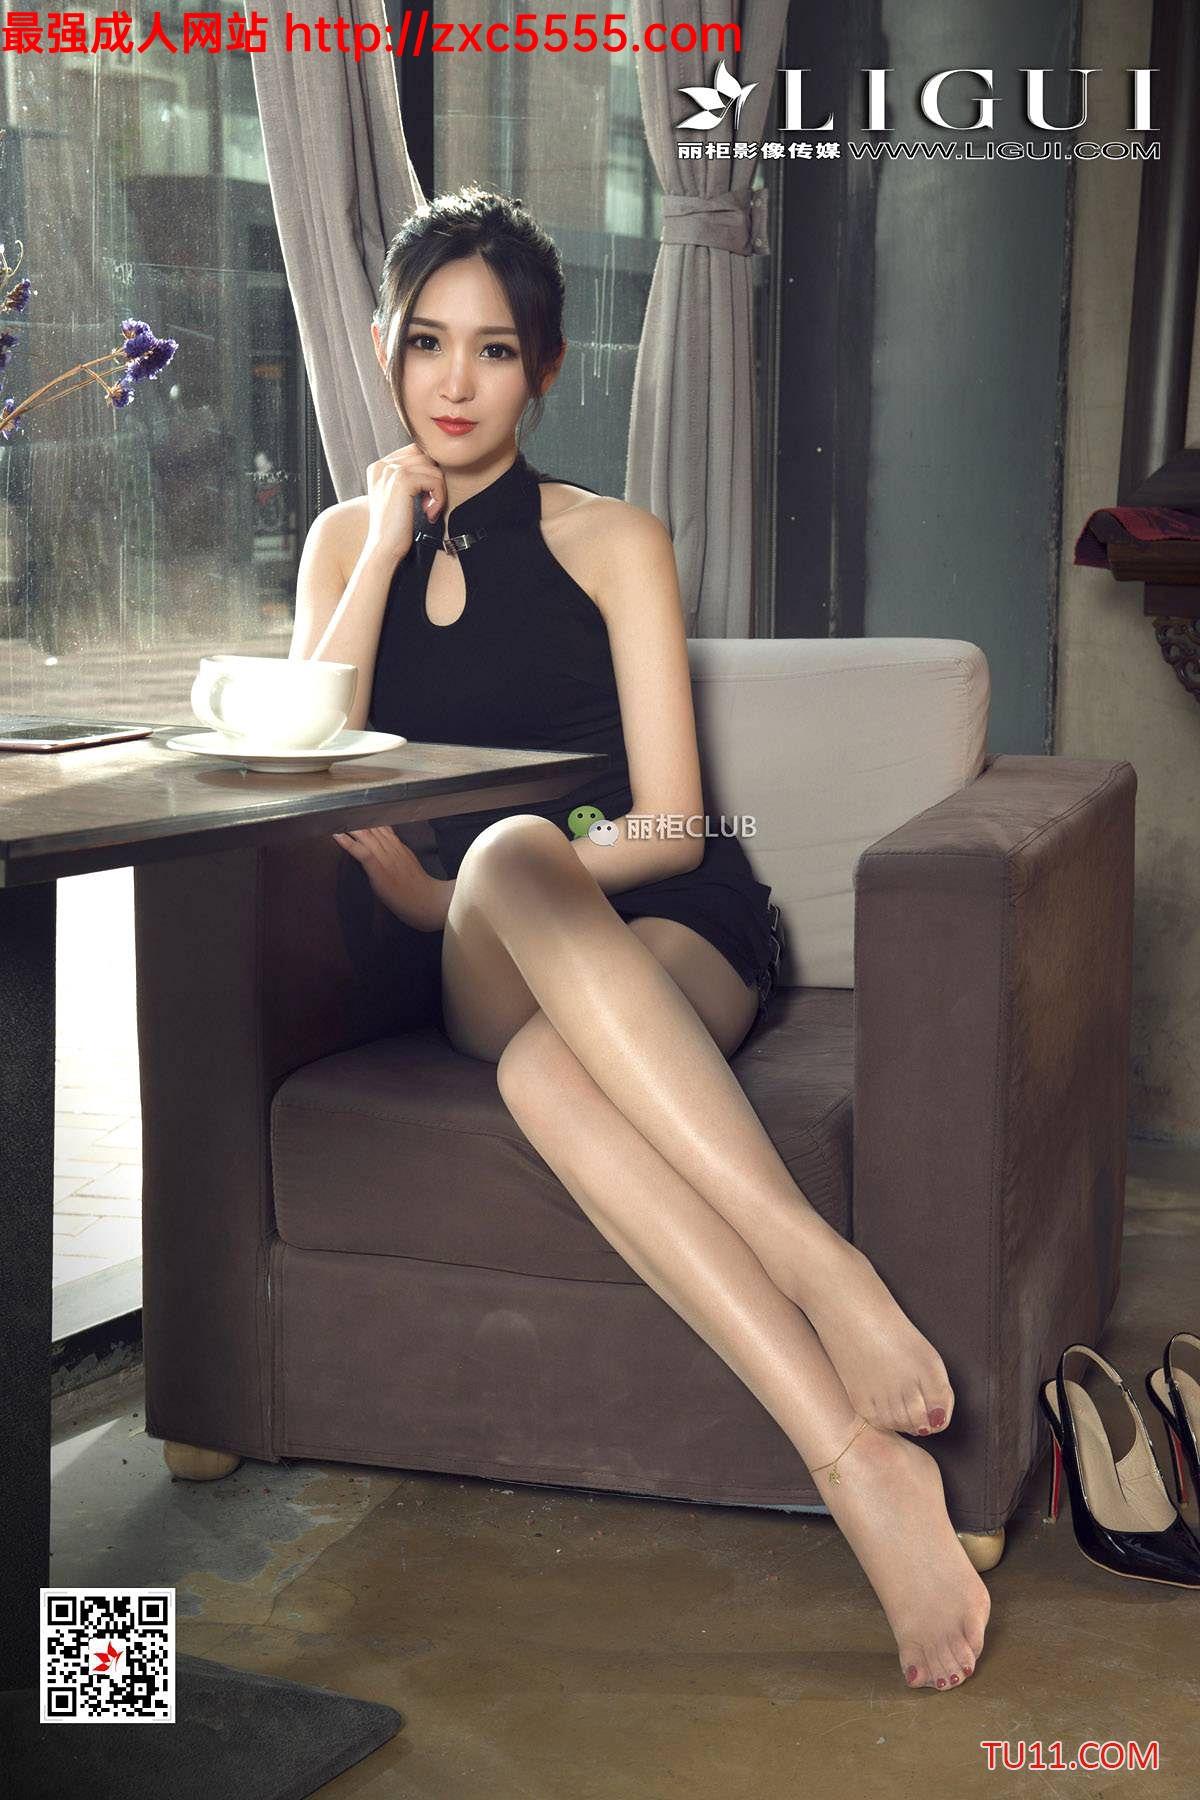 成人伦理激情_美女诱惑肉色美腿紧身衣写真【31P】_丝袜诱惑-一级片-亚洲最大